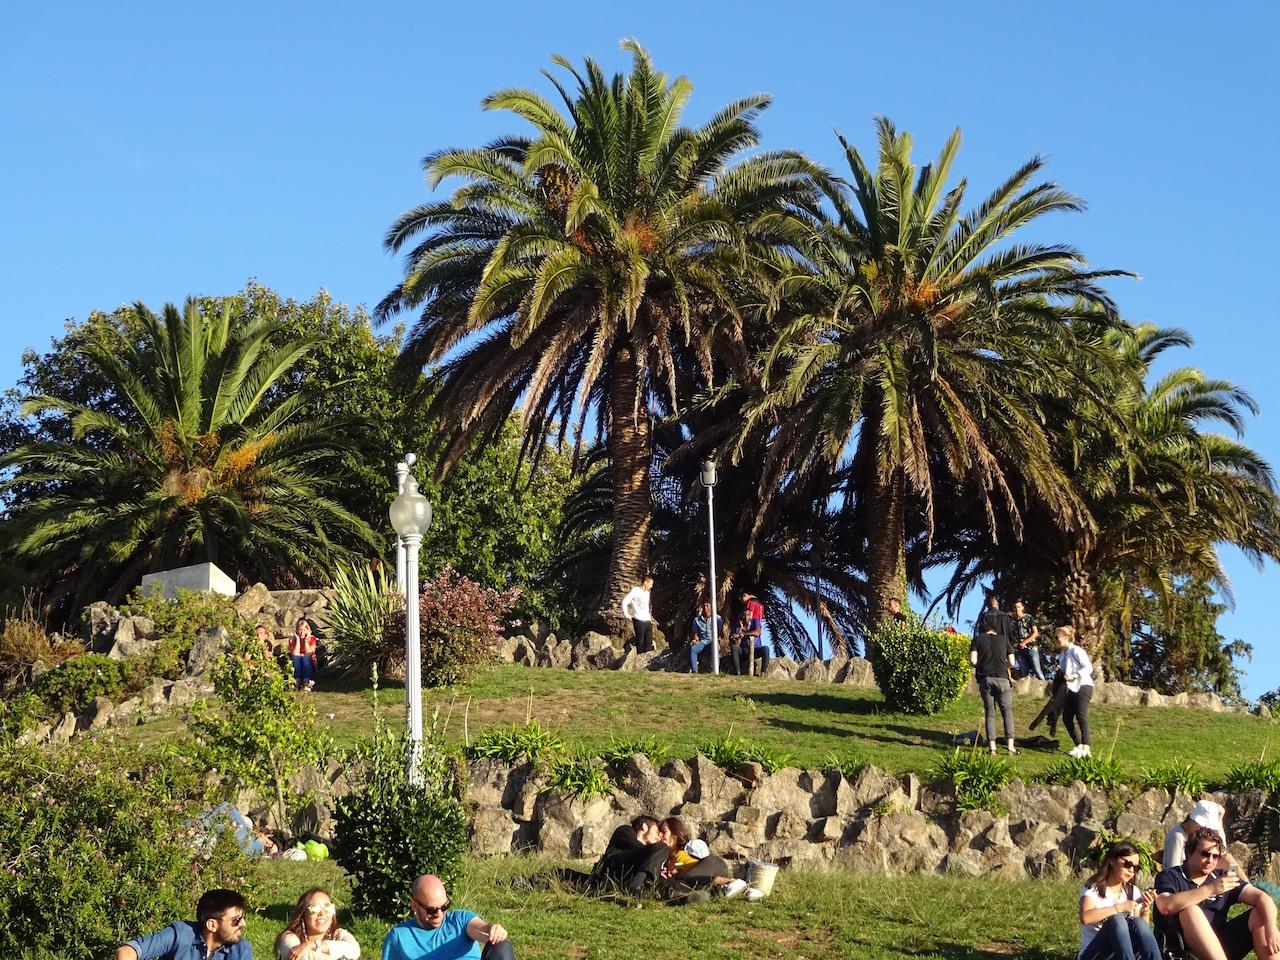 Palmen im Park